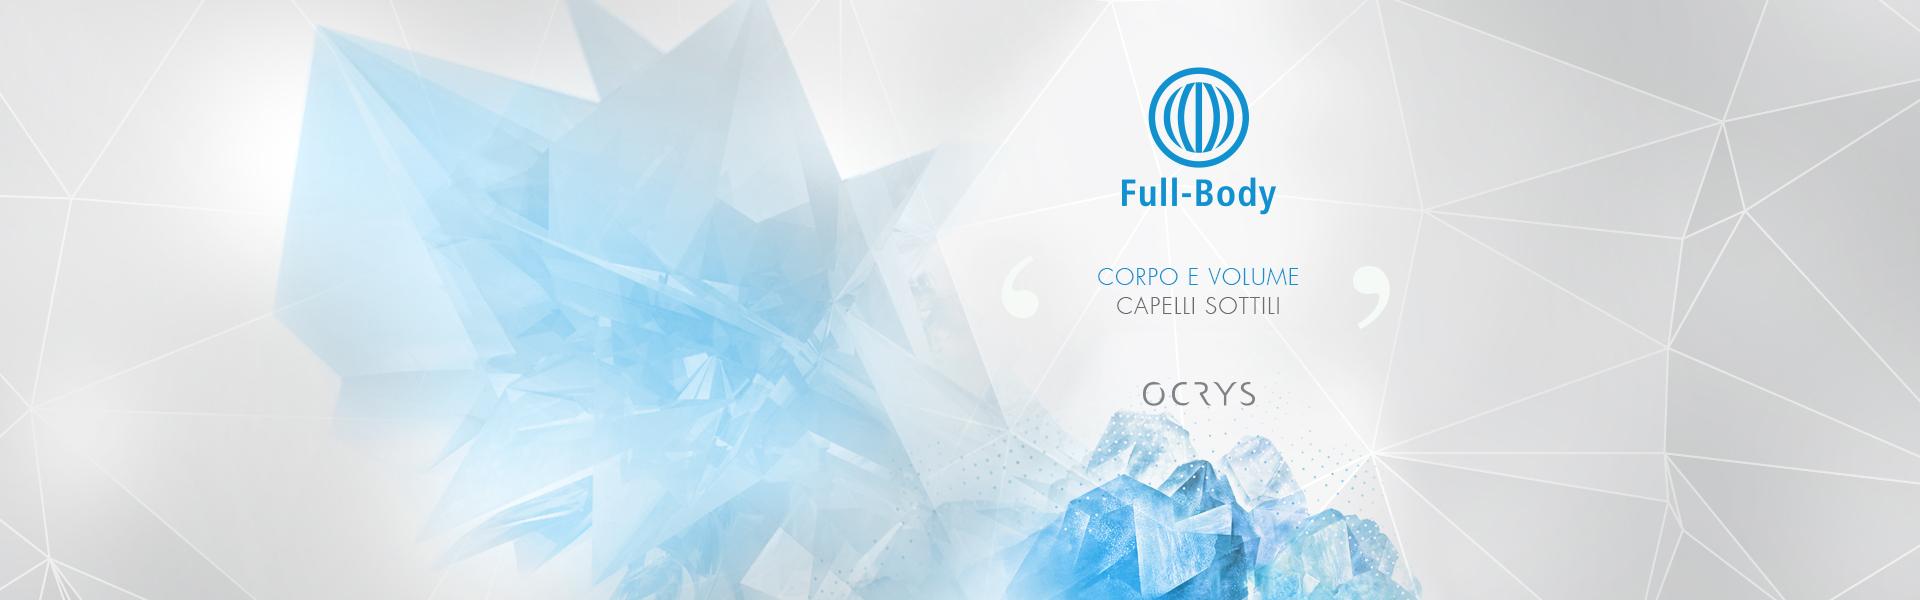 banner_centrali_FULL-BODY